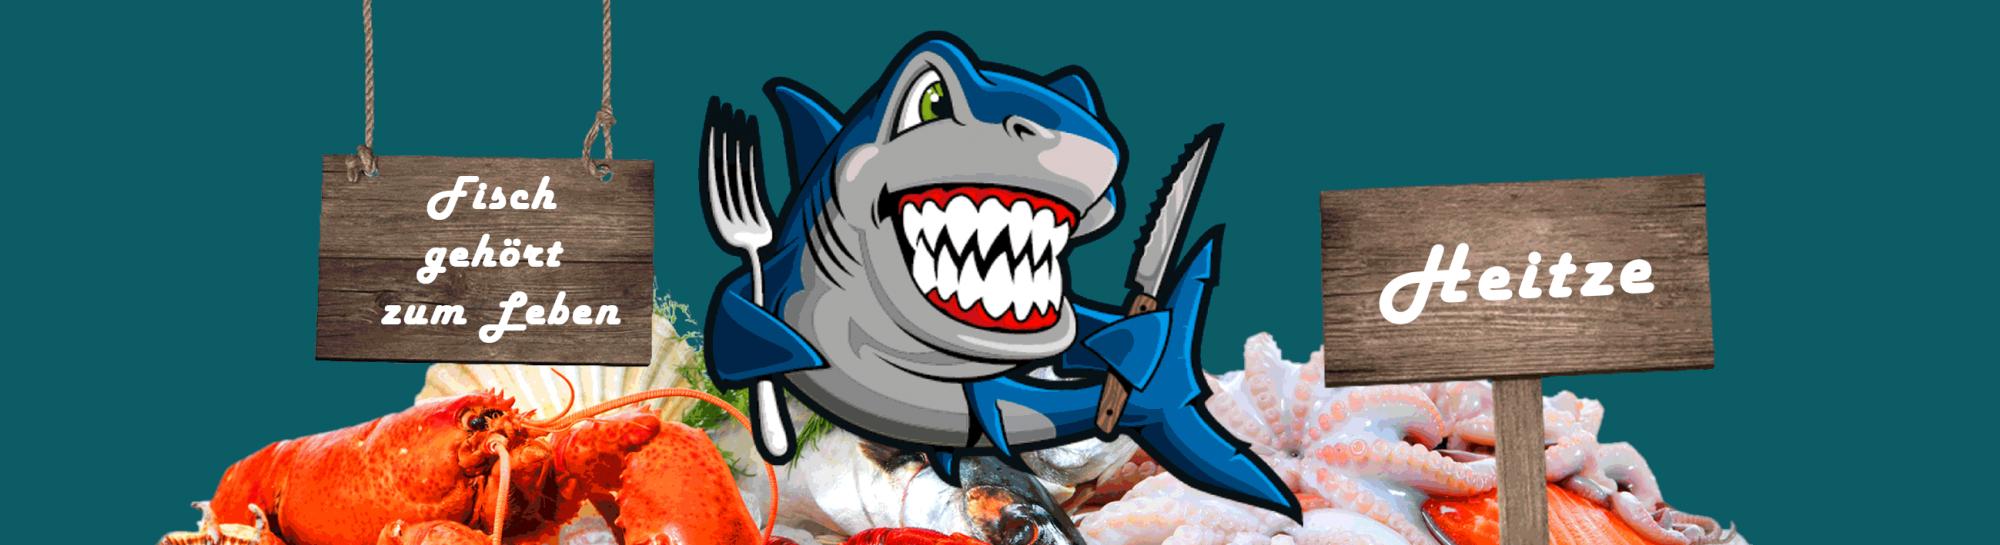 Fisch gehört zum Leben - Heitze